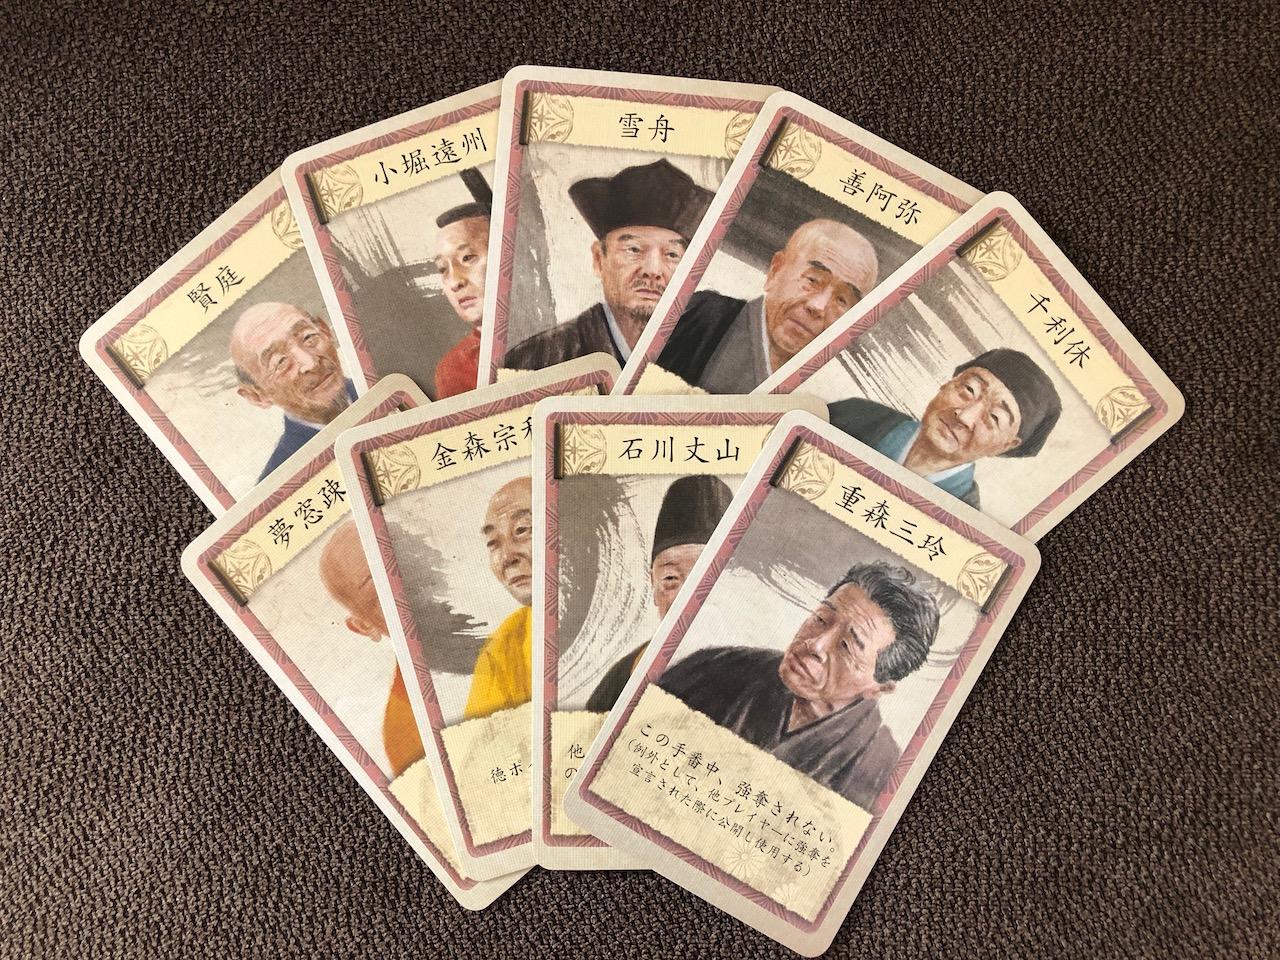 ボードゲーム「枯山水」の作庭家カード